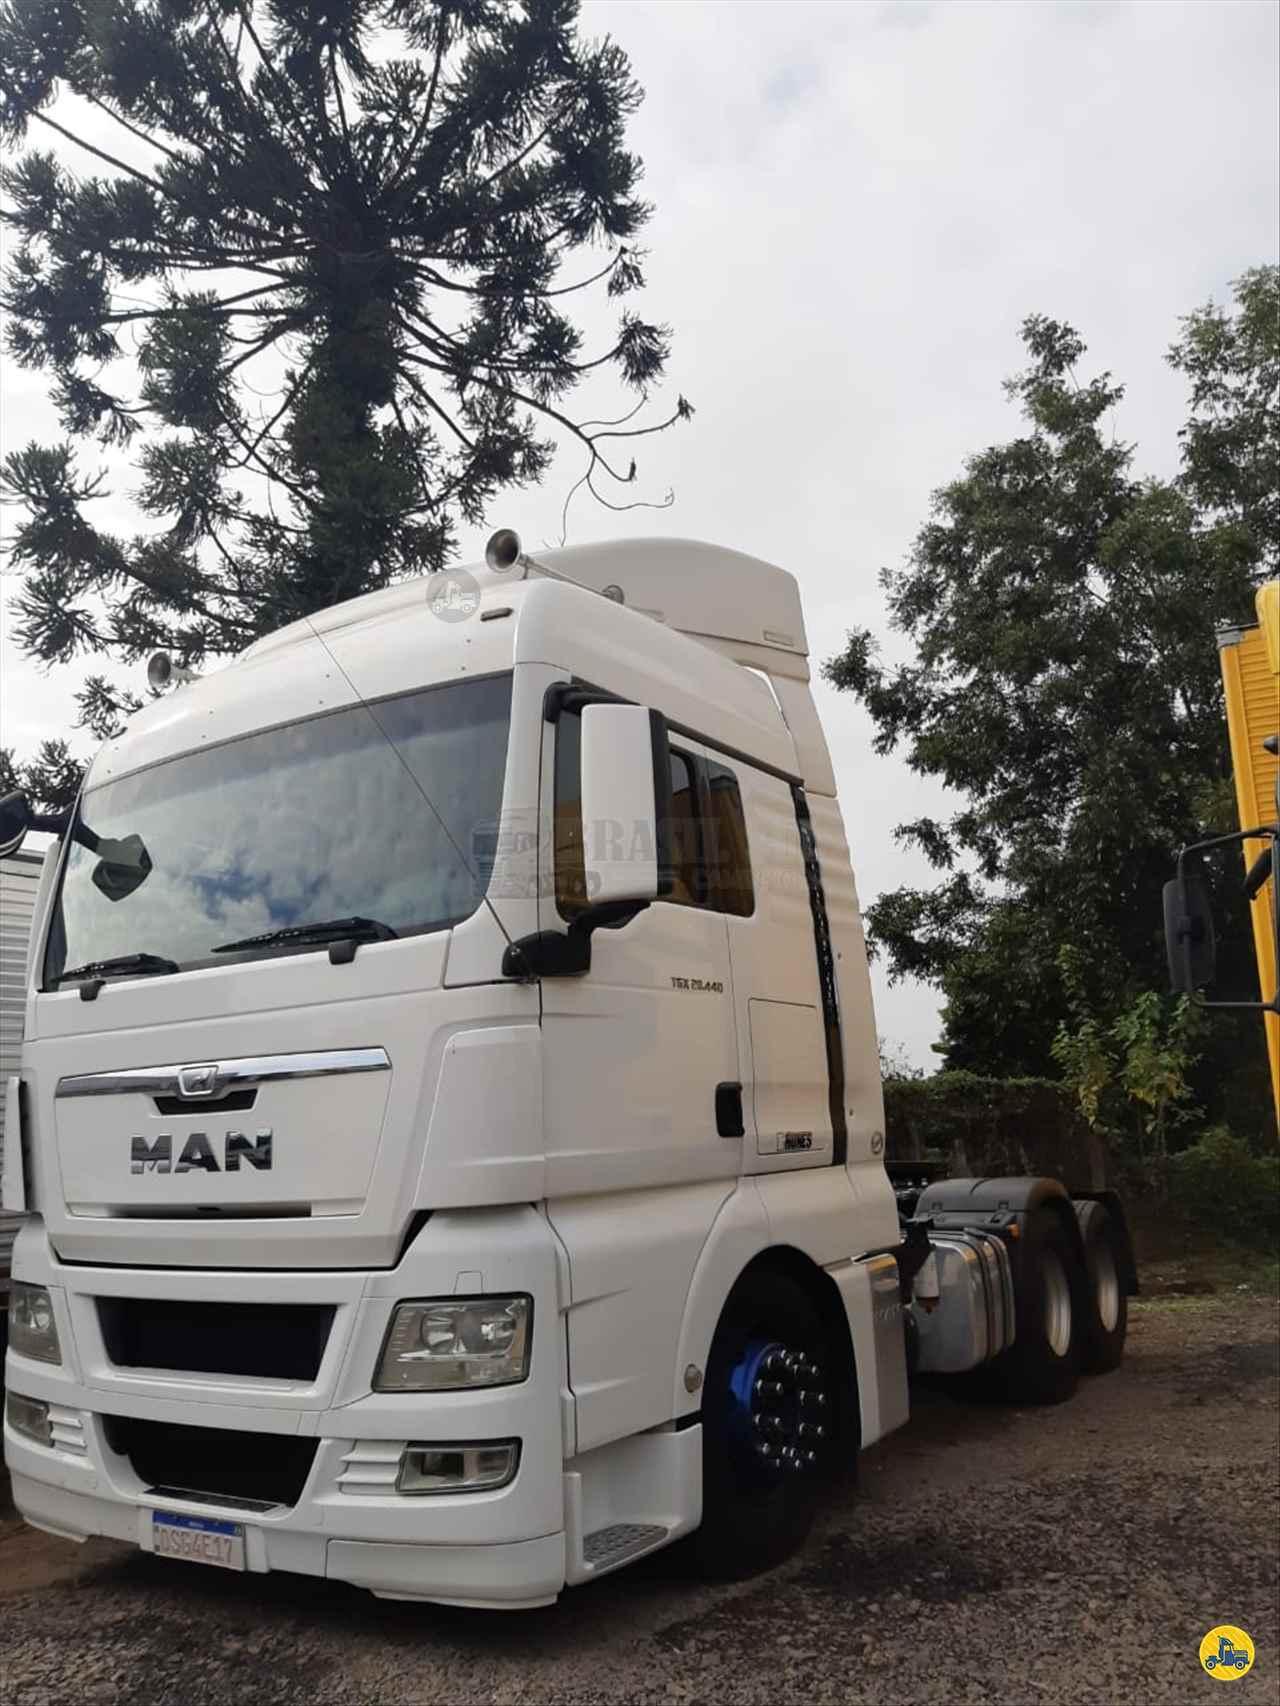 CAMINHAO MAN TGX 28 440 Cavalo Mecânico Truck 6x2 Brasil Sul Caminhões PORTAO RIO GRANDE DO SUL RS